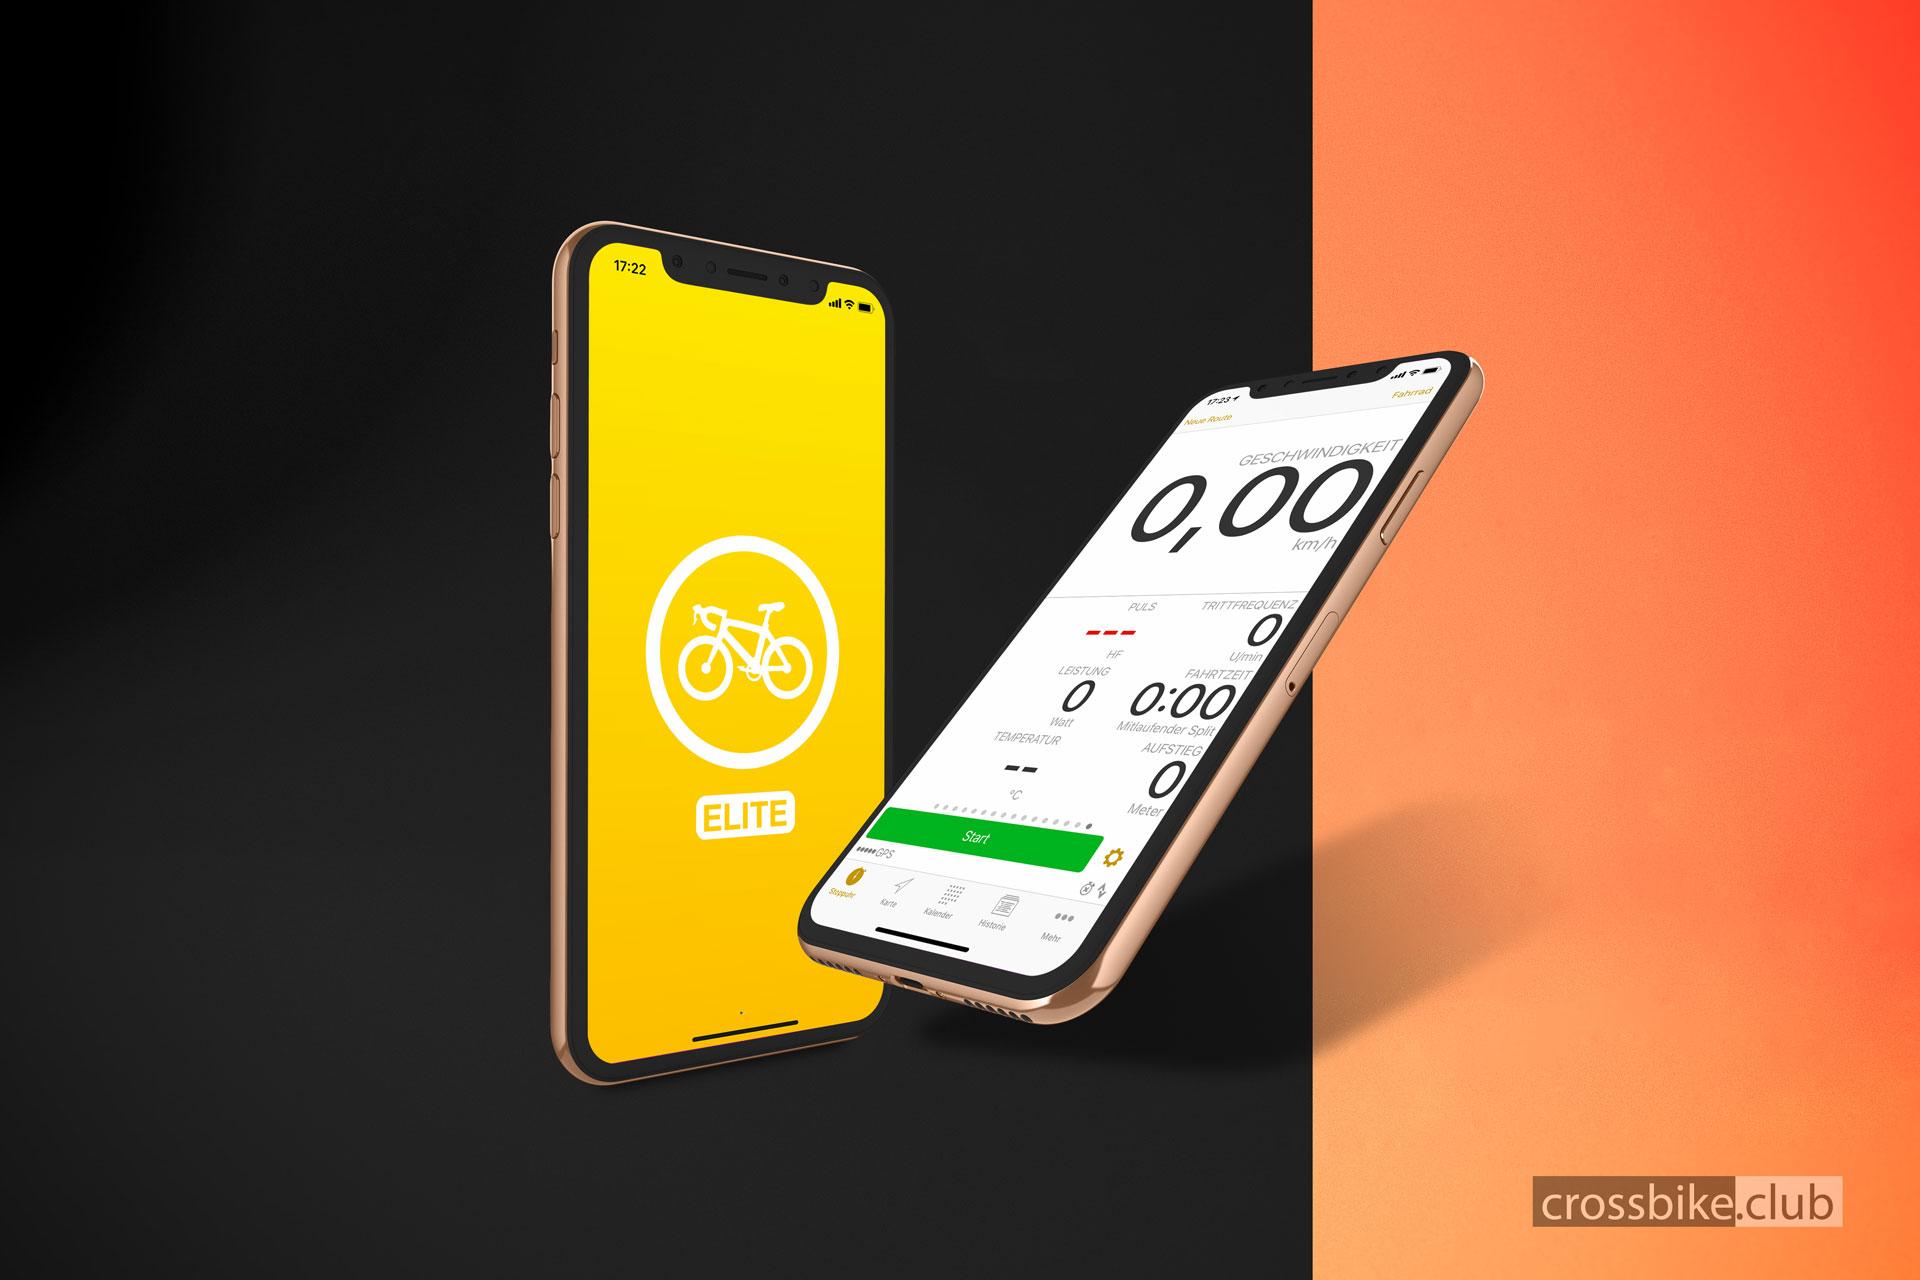 Die kostenpflichtige App Cyclemeter ELITE